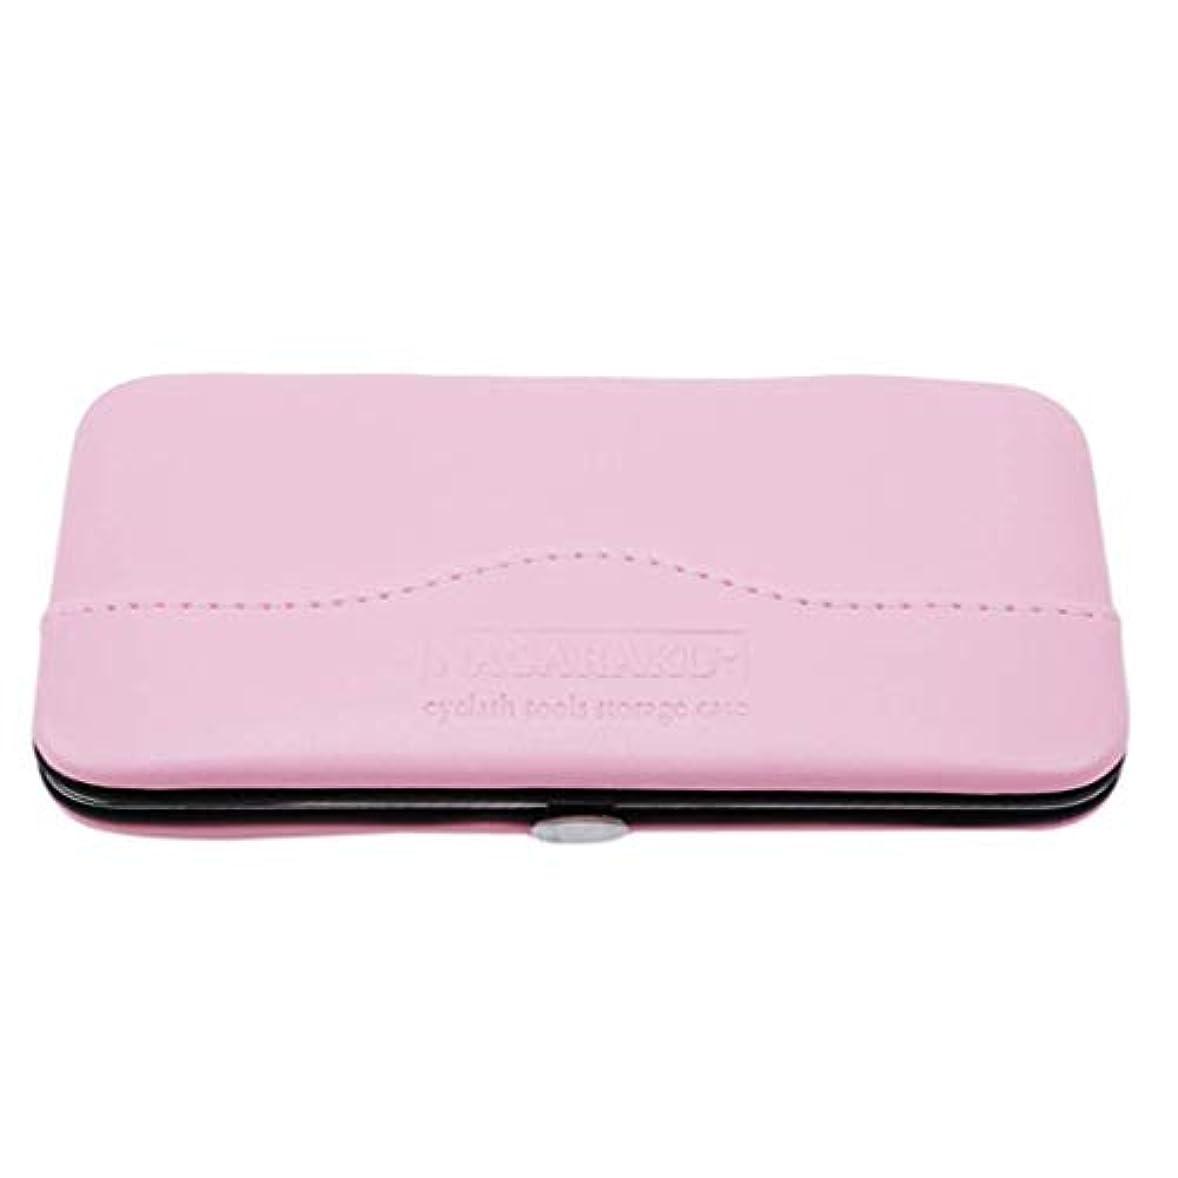 機構時刻表お1st market プレミアム品質1ピース化粧道具バッグ用まつげエクステンションピンセット収納ボックスケース